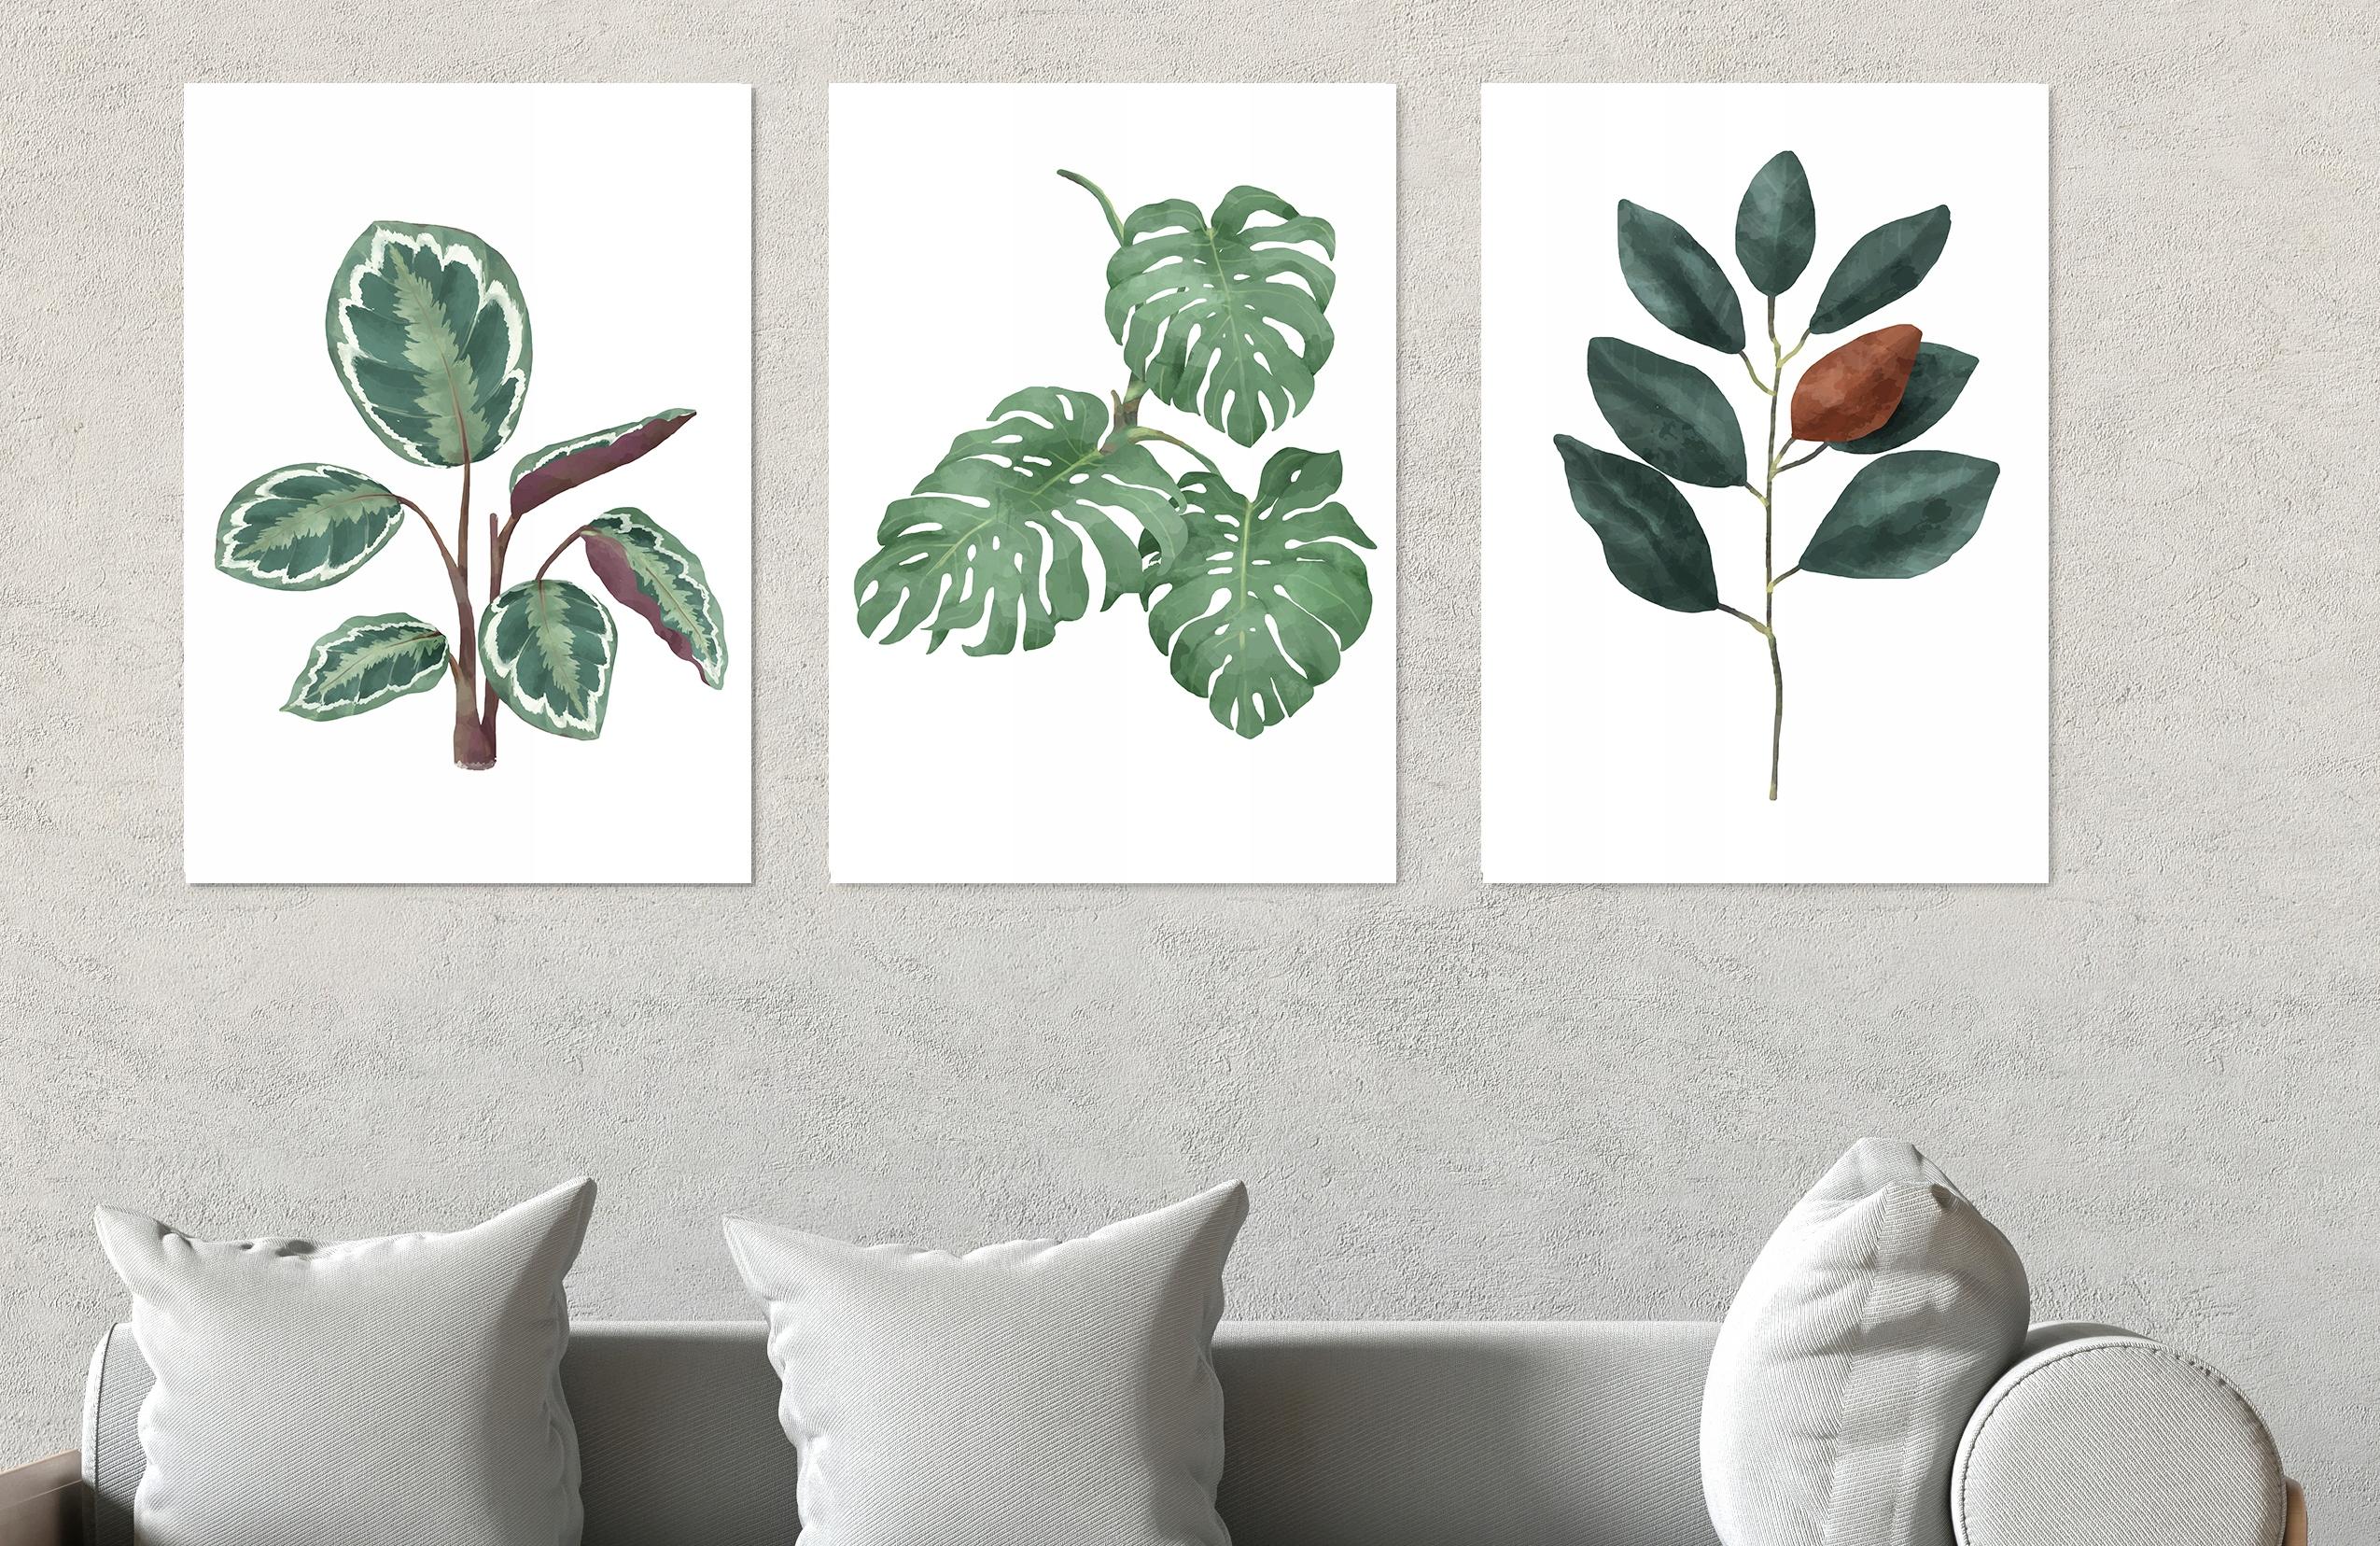 Grafika Plakat A4ramka Rośliny Liść Skandynawski